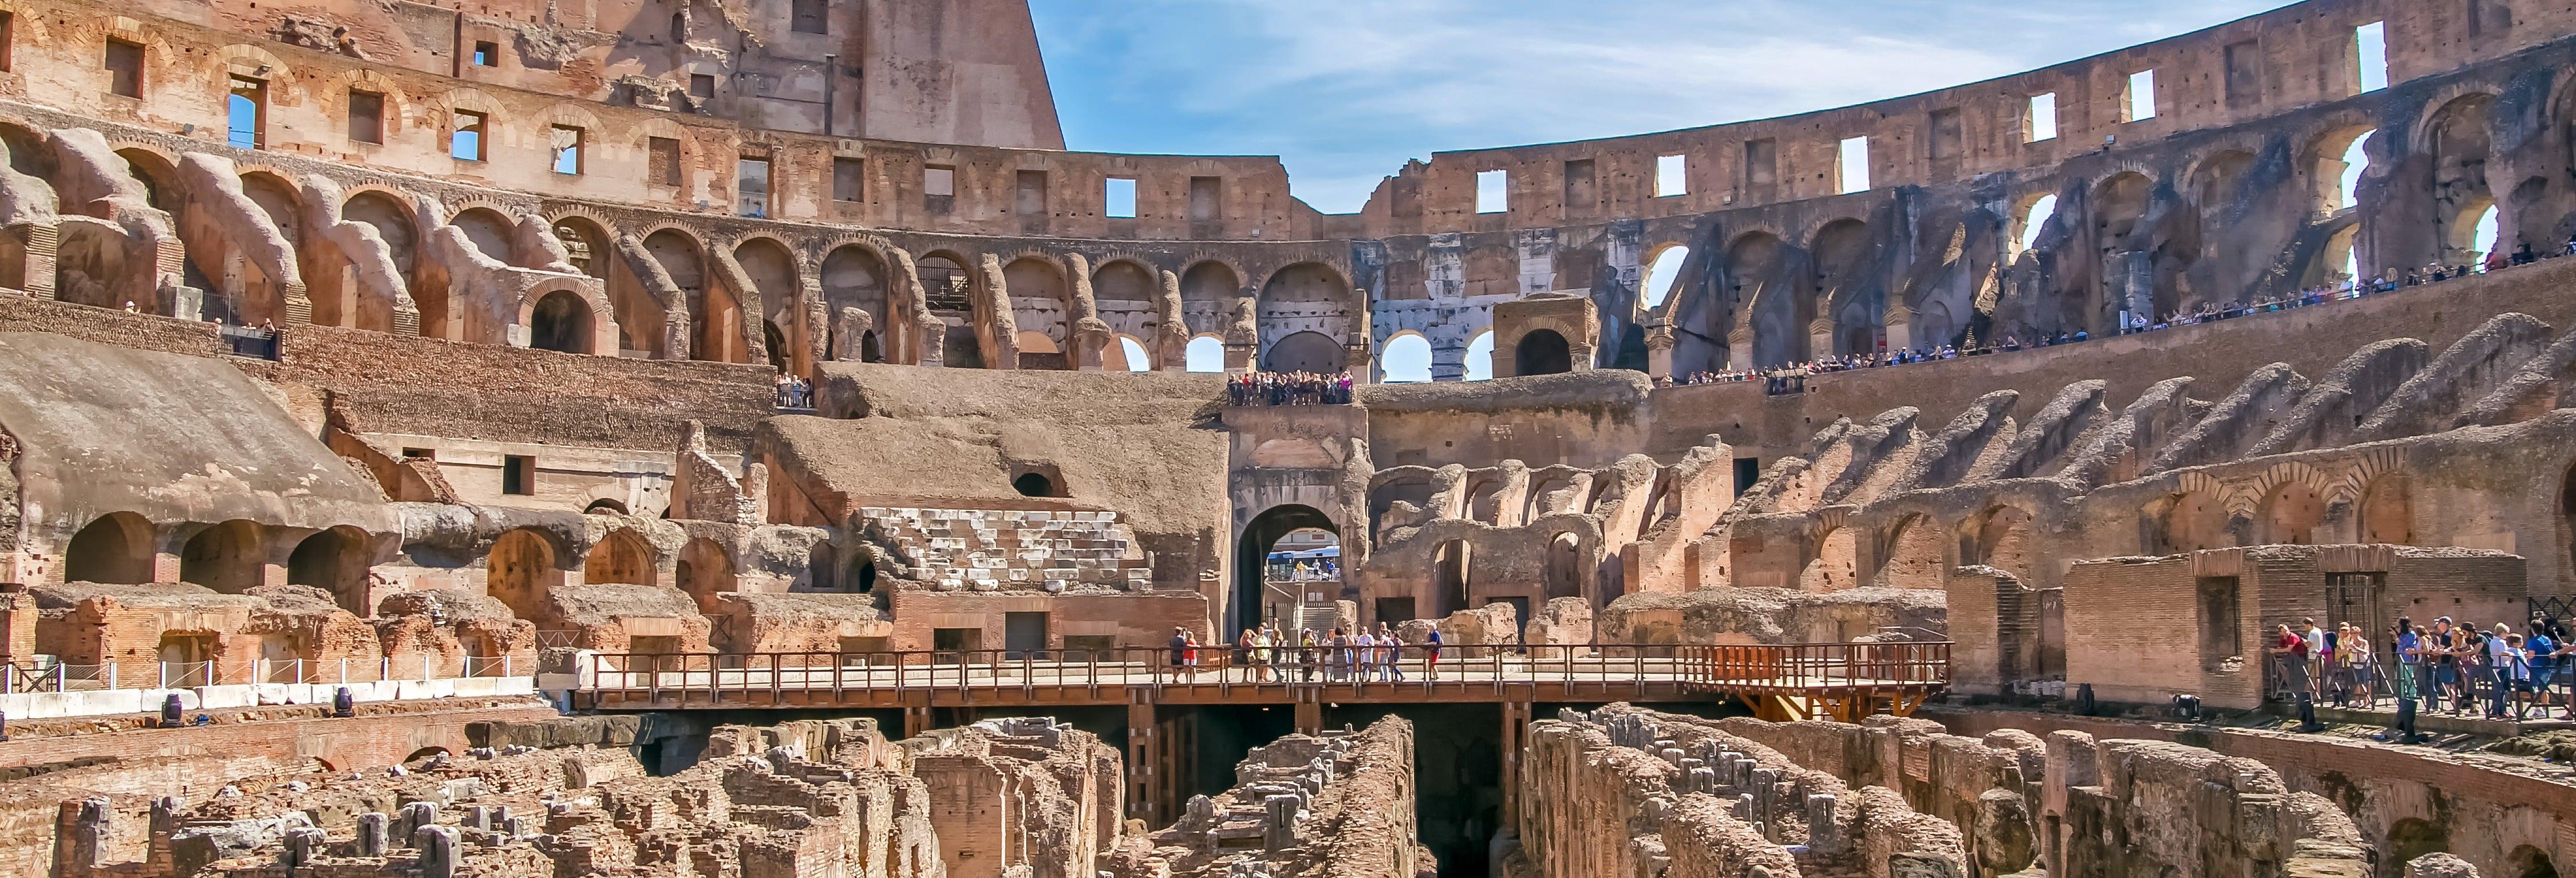 Coliseo Subterráneo y Arena + Foro y Palatino